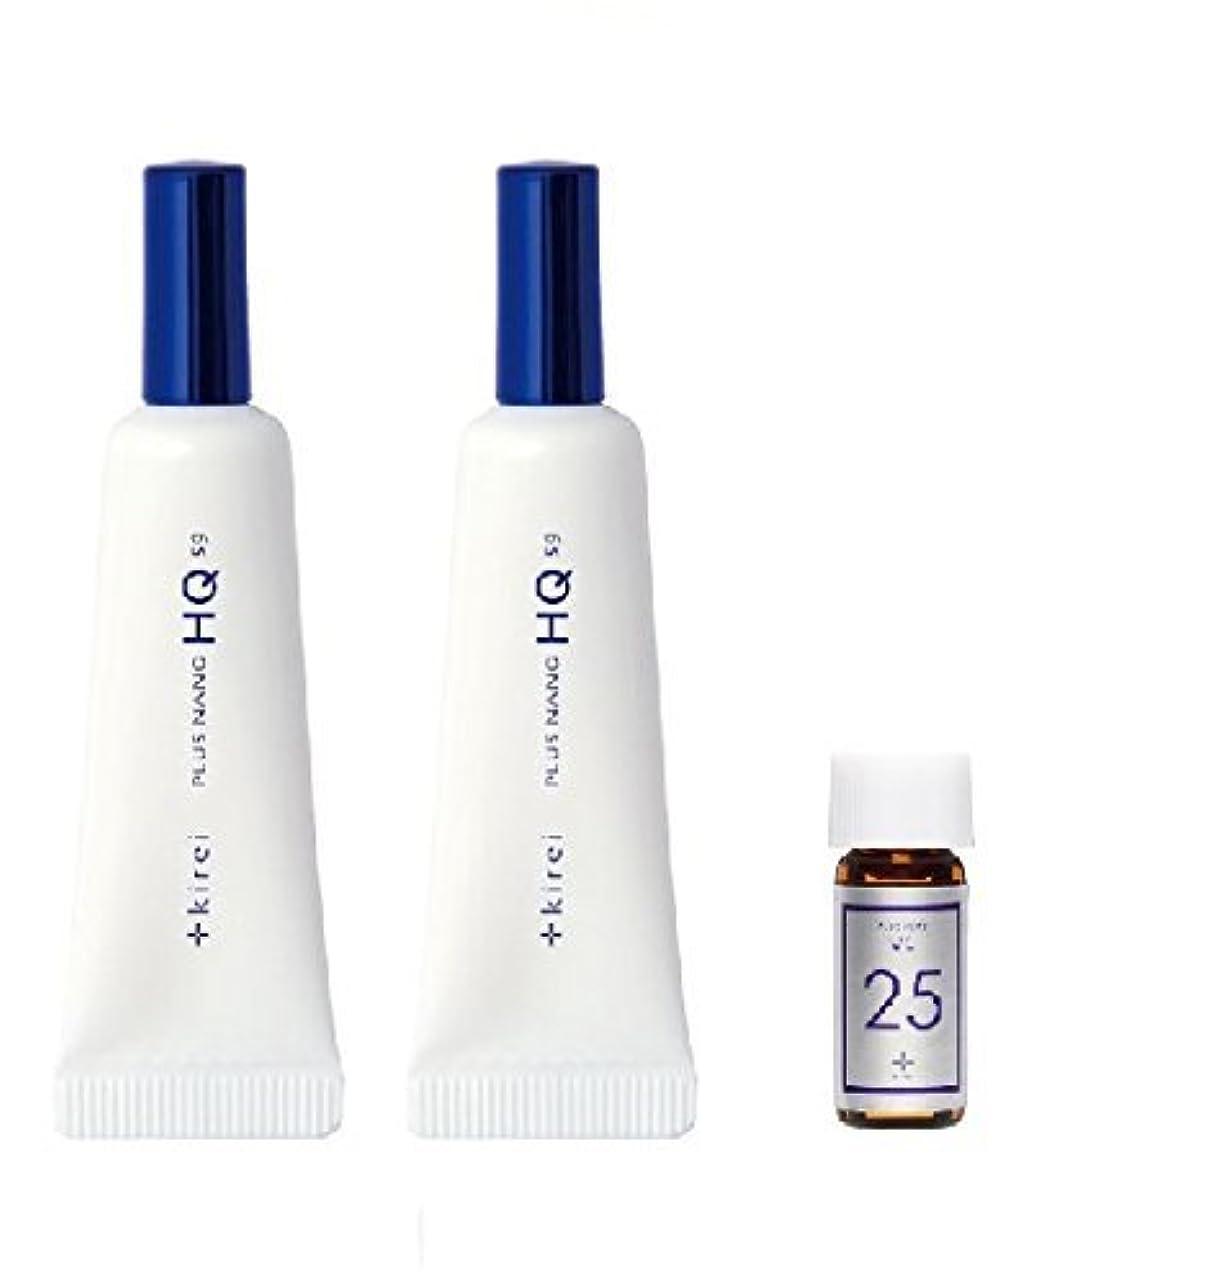 治療オリエンテーションプラスキレイ プラスナノHQクリーム 本格ケア(2本)セット